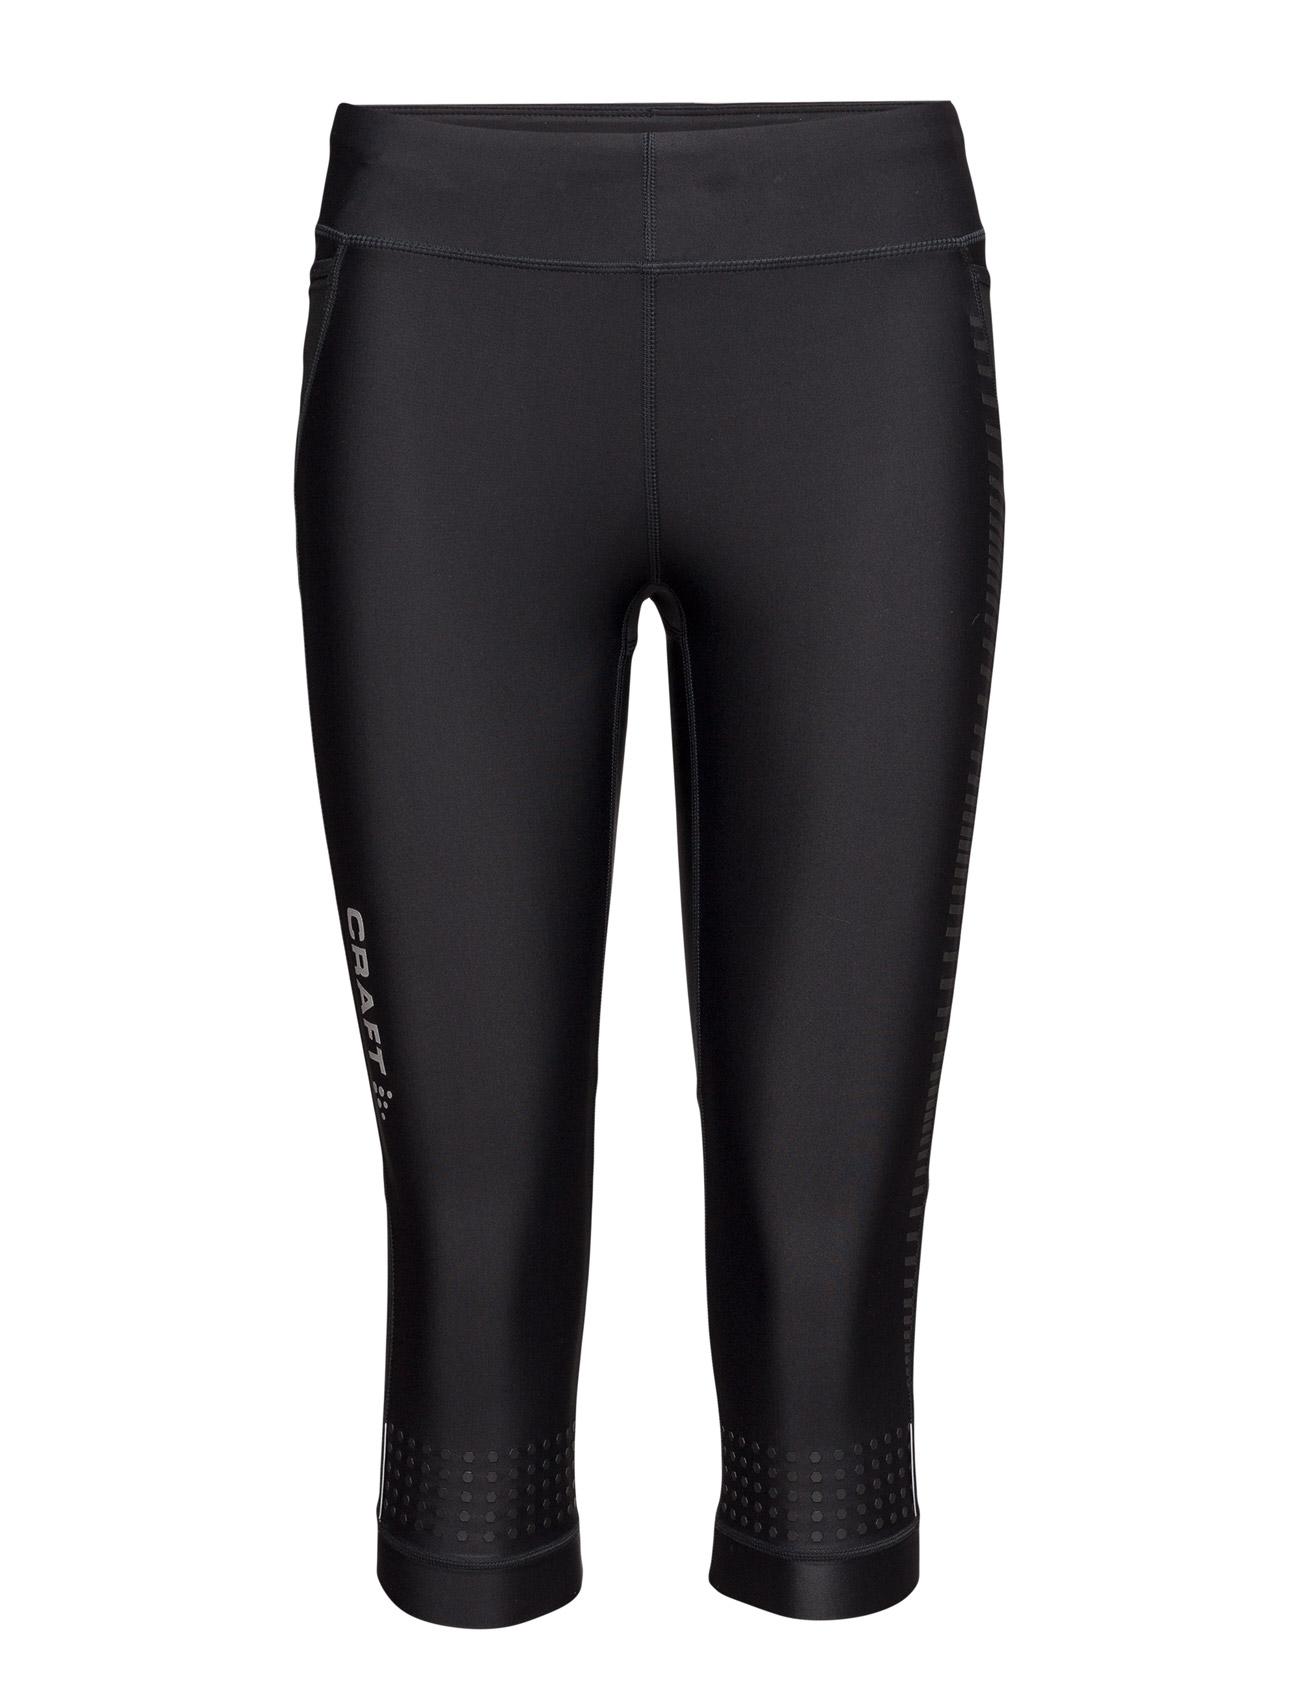 Grit Capri Craft Trænings leggings til Damer i Sort